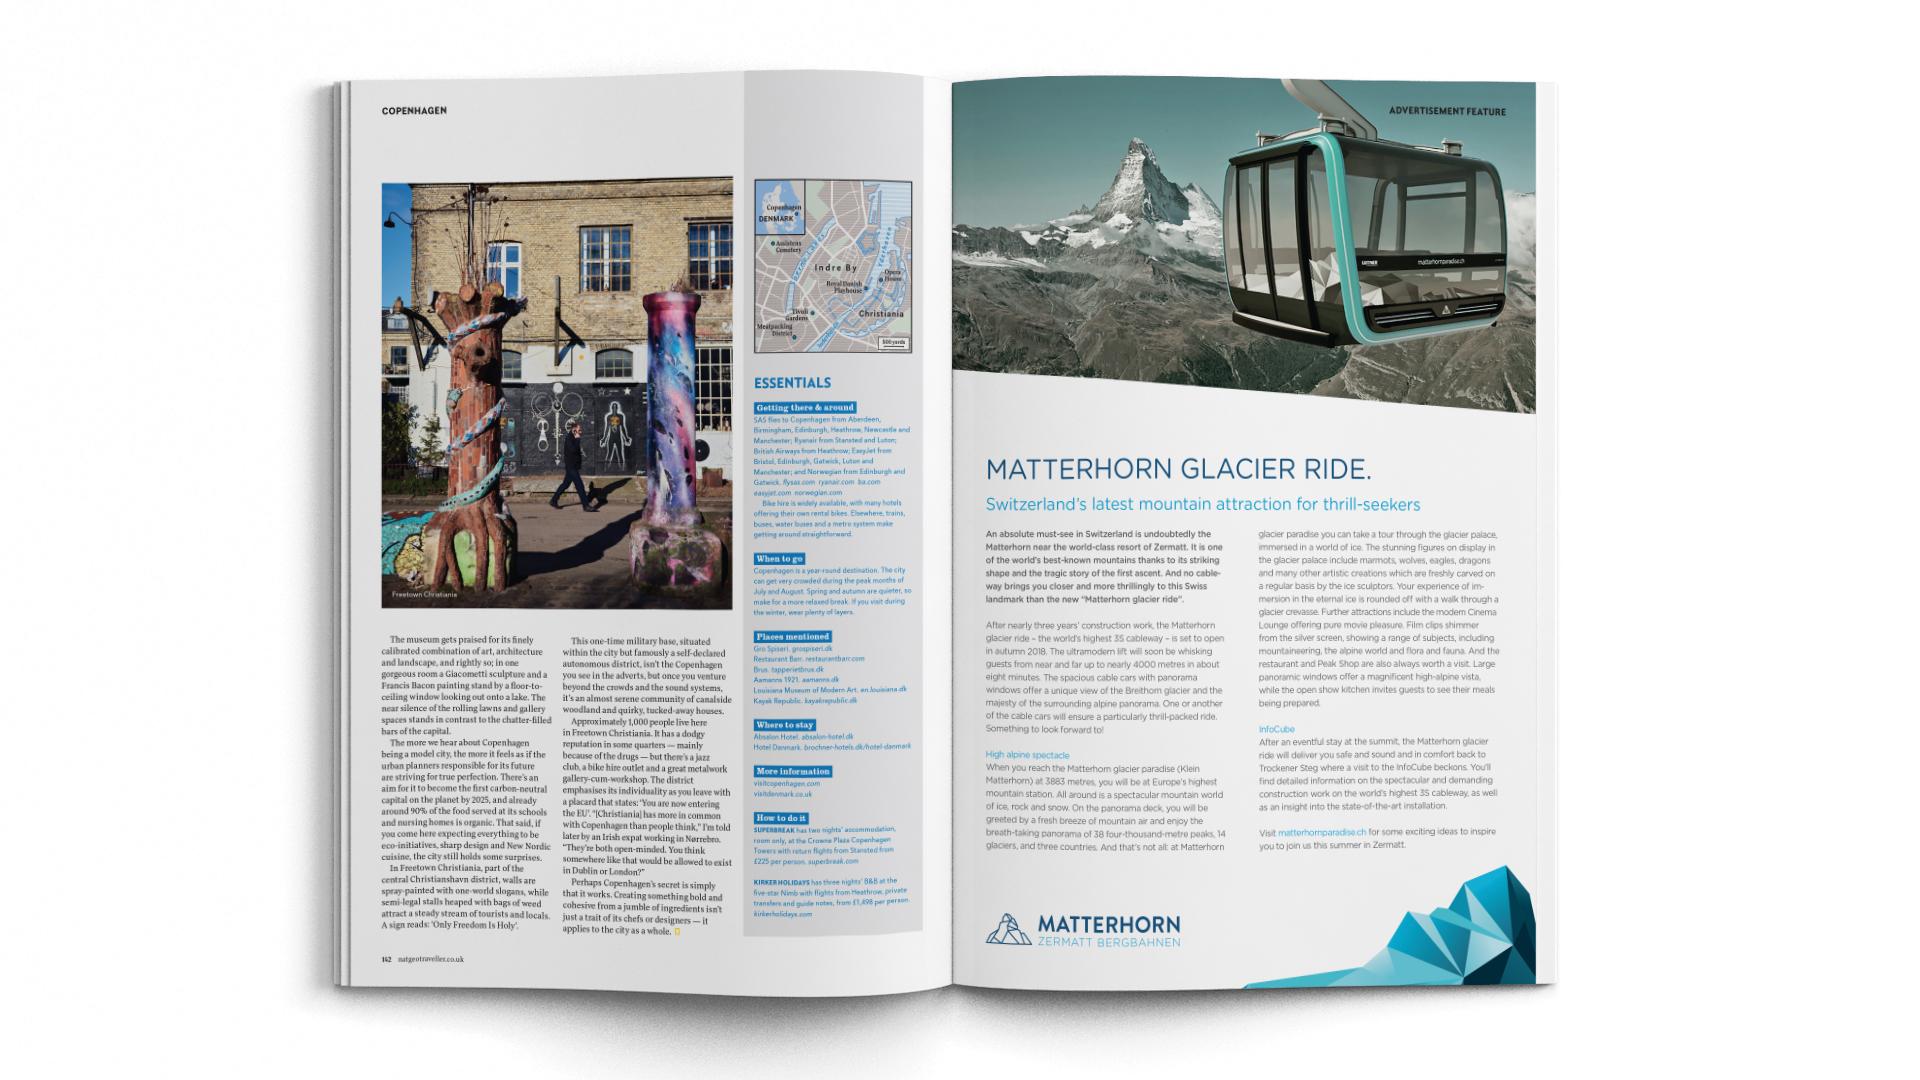 A4-Magazine-DPS-NGT-CL-Copenhagen-5